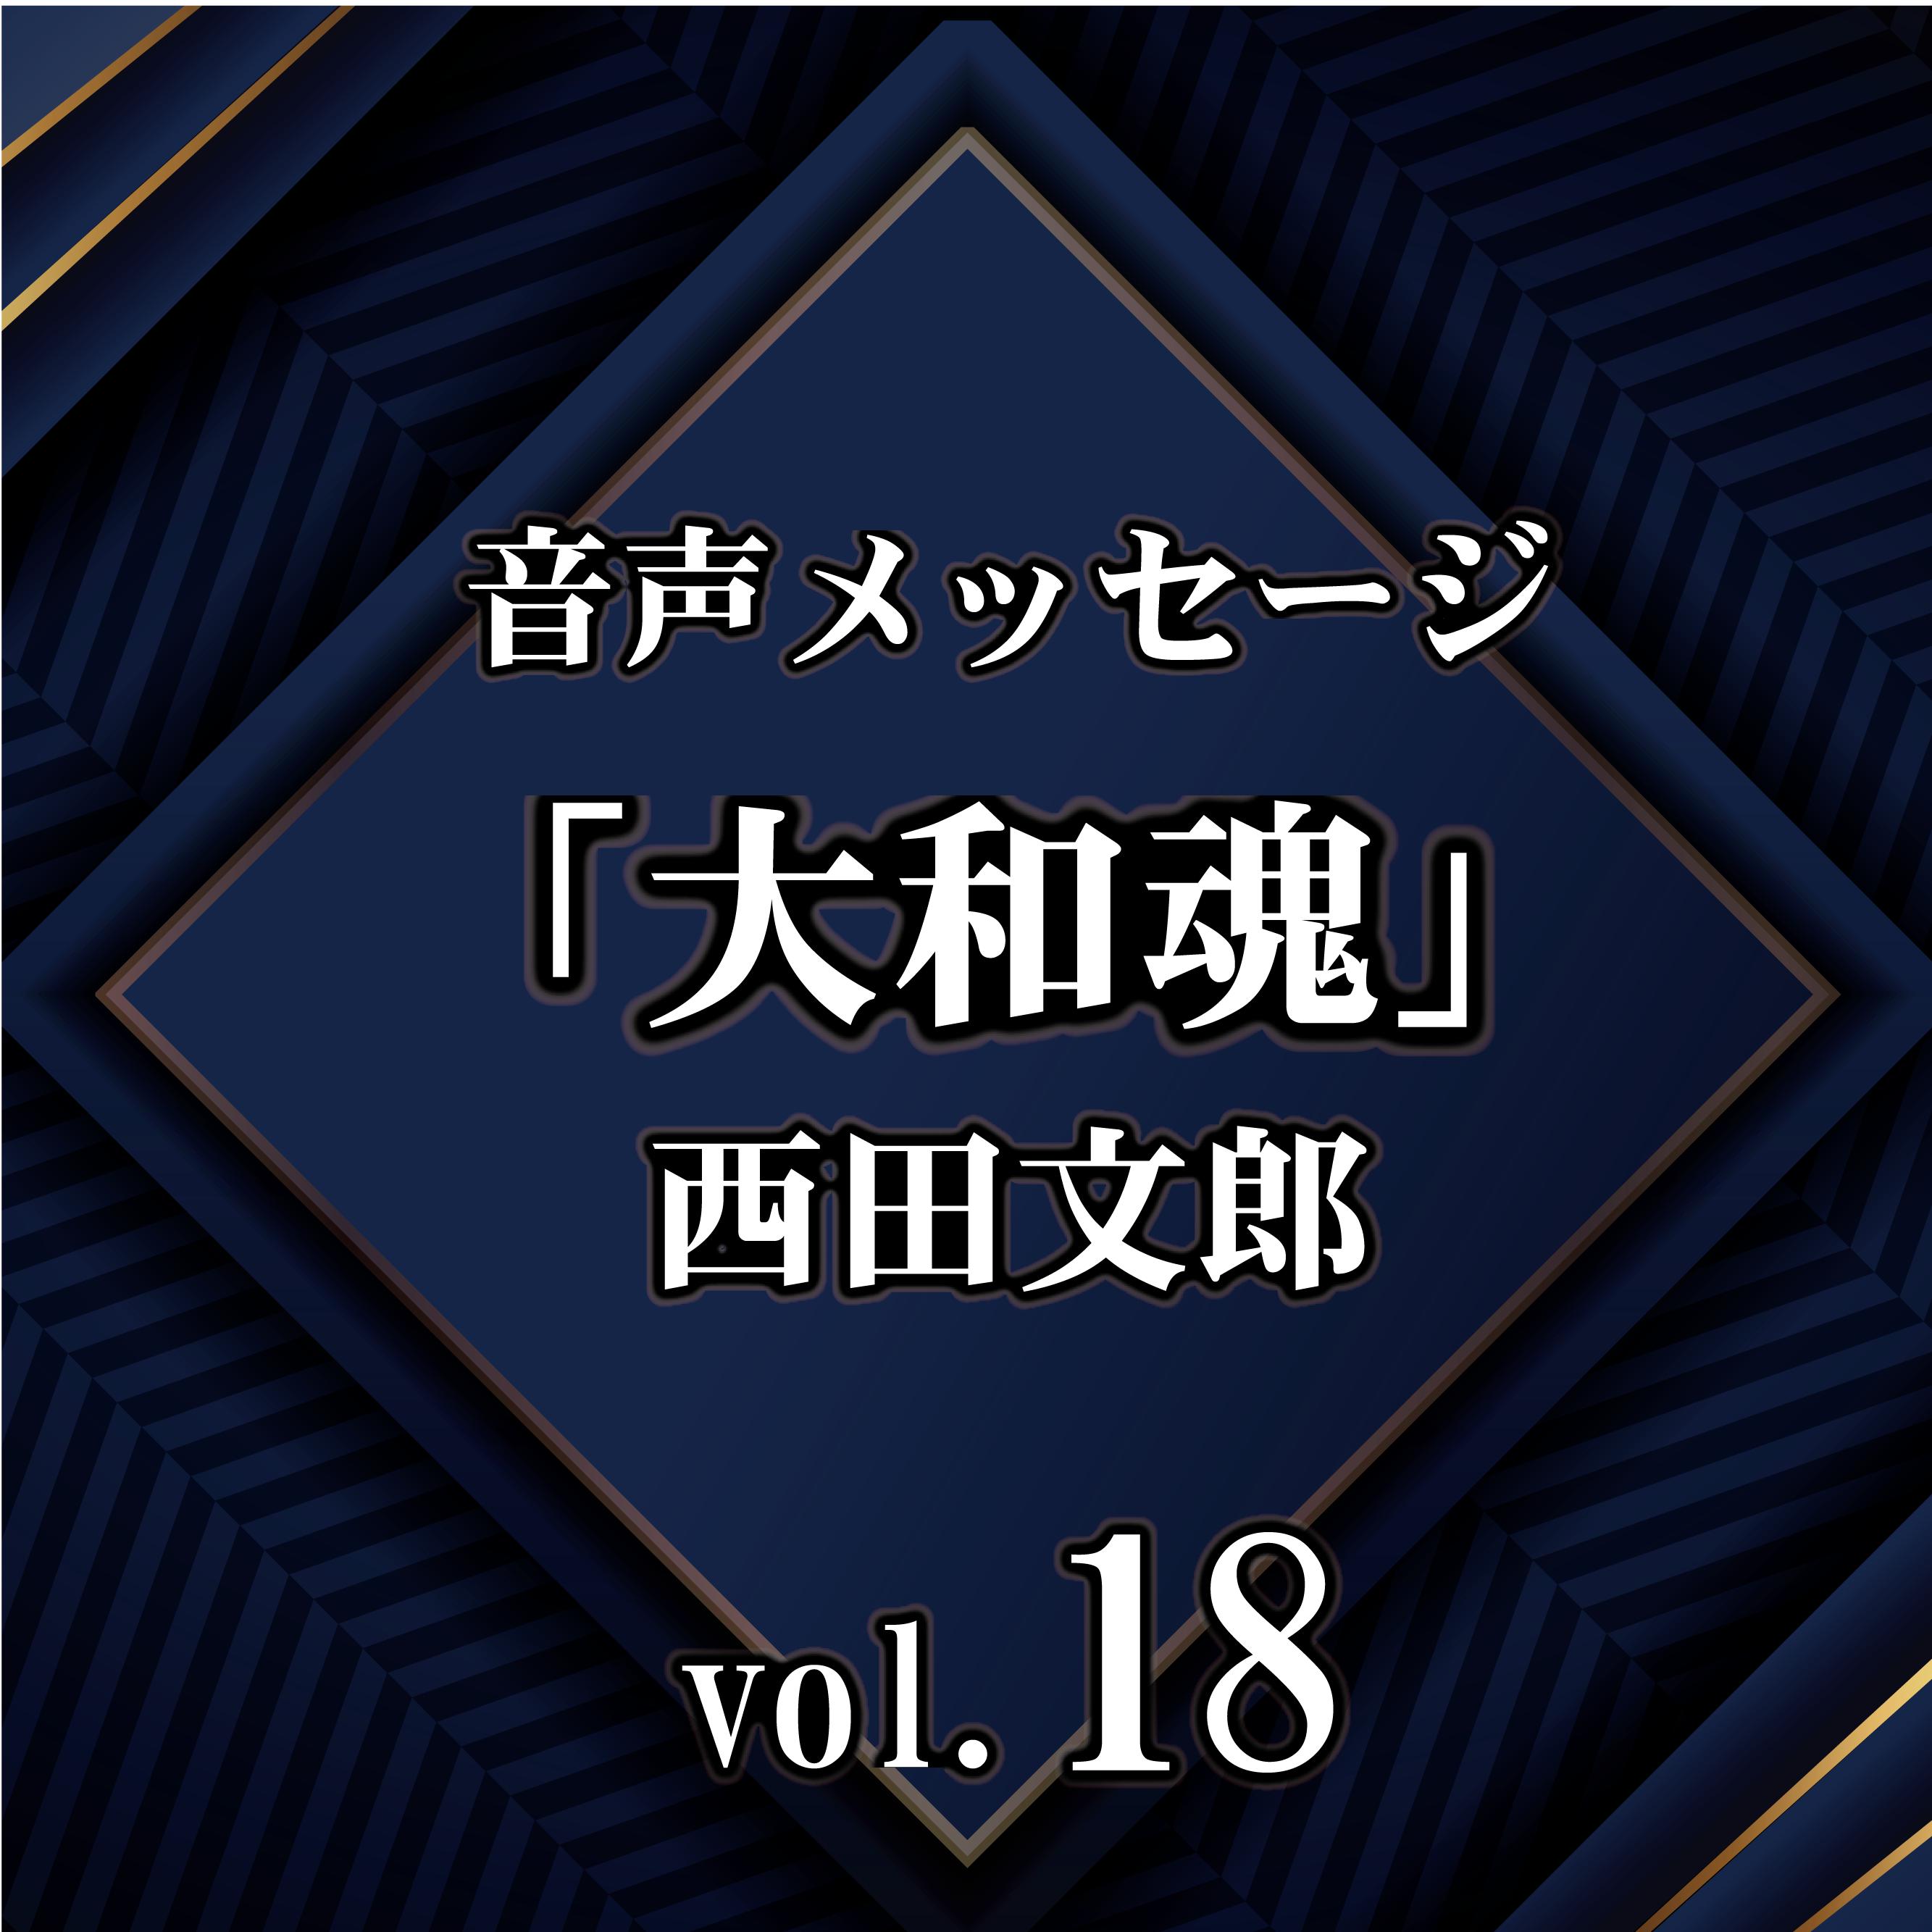 西田文郎 音声メッセージvol.18『大和魂』